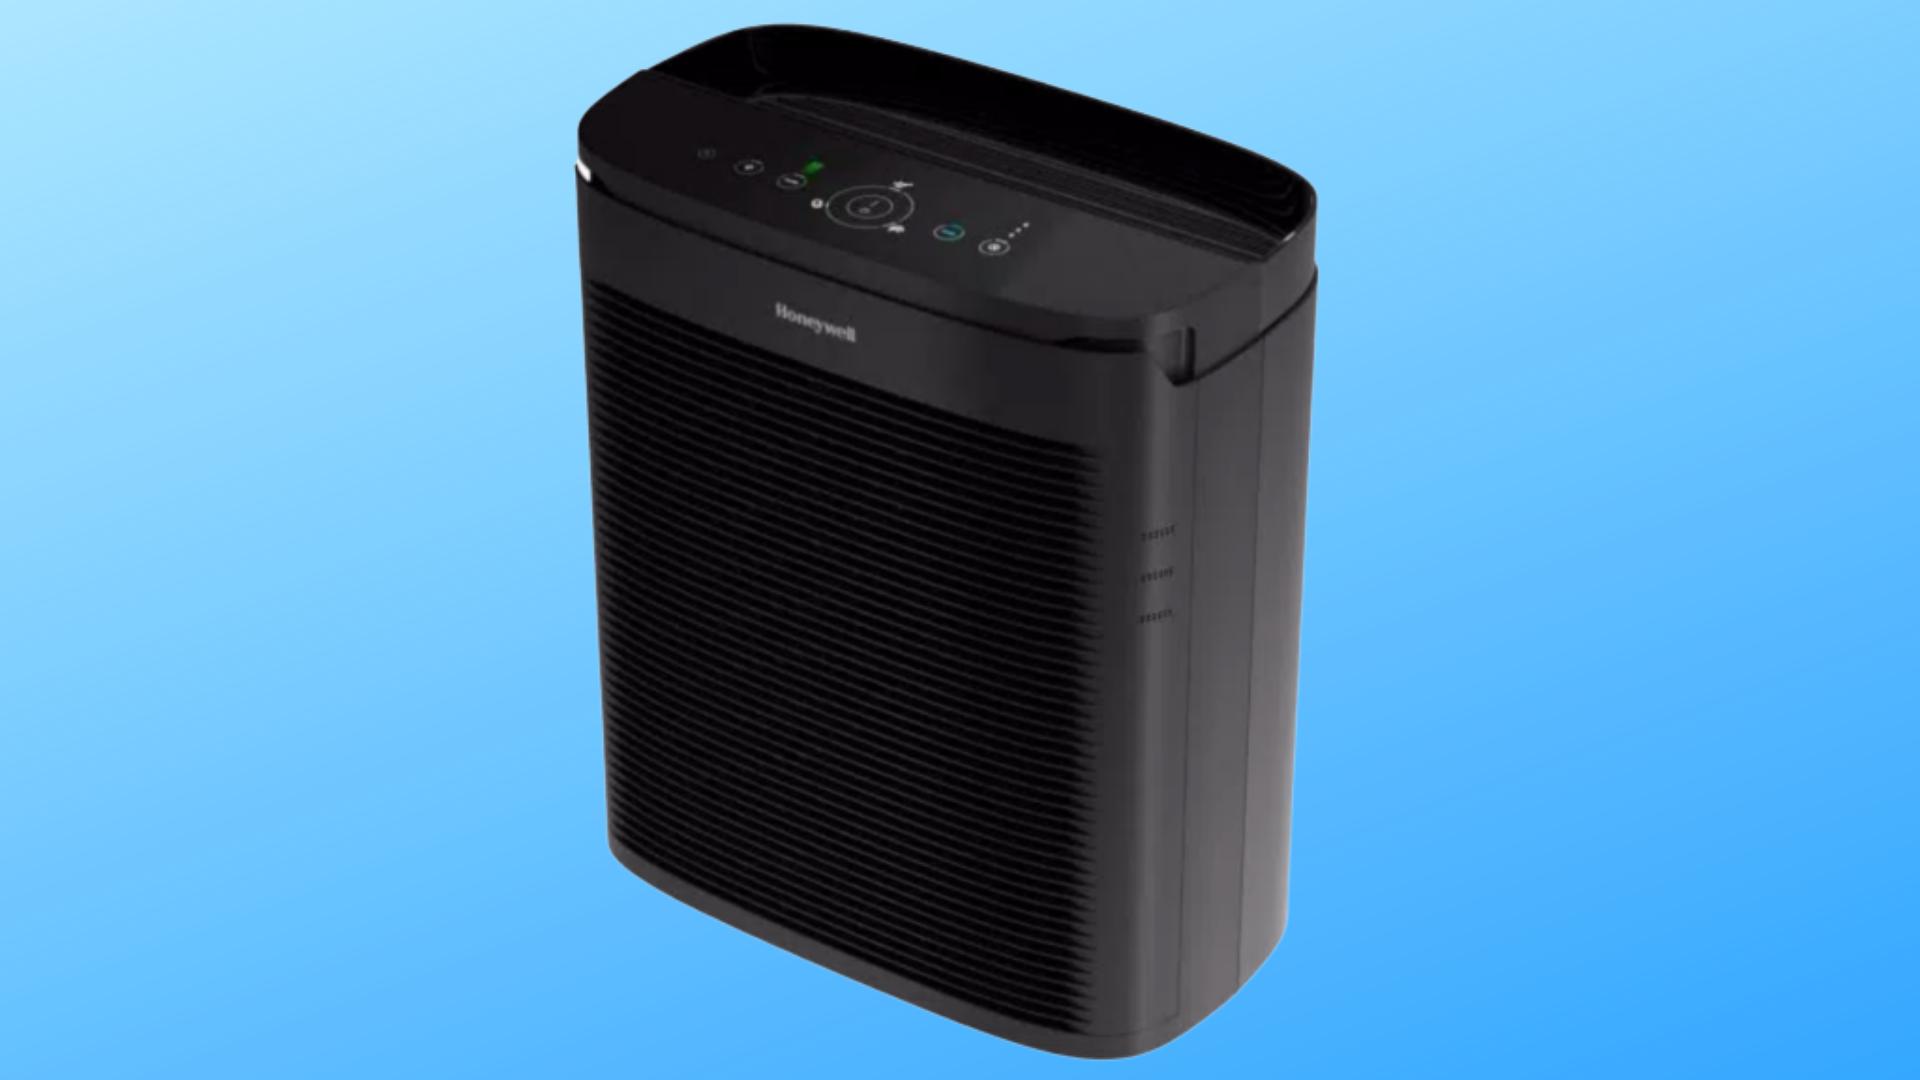 Honeywell best air purifier